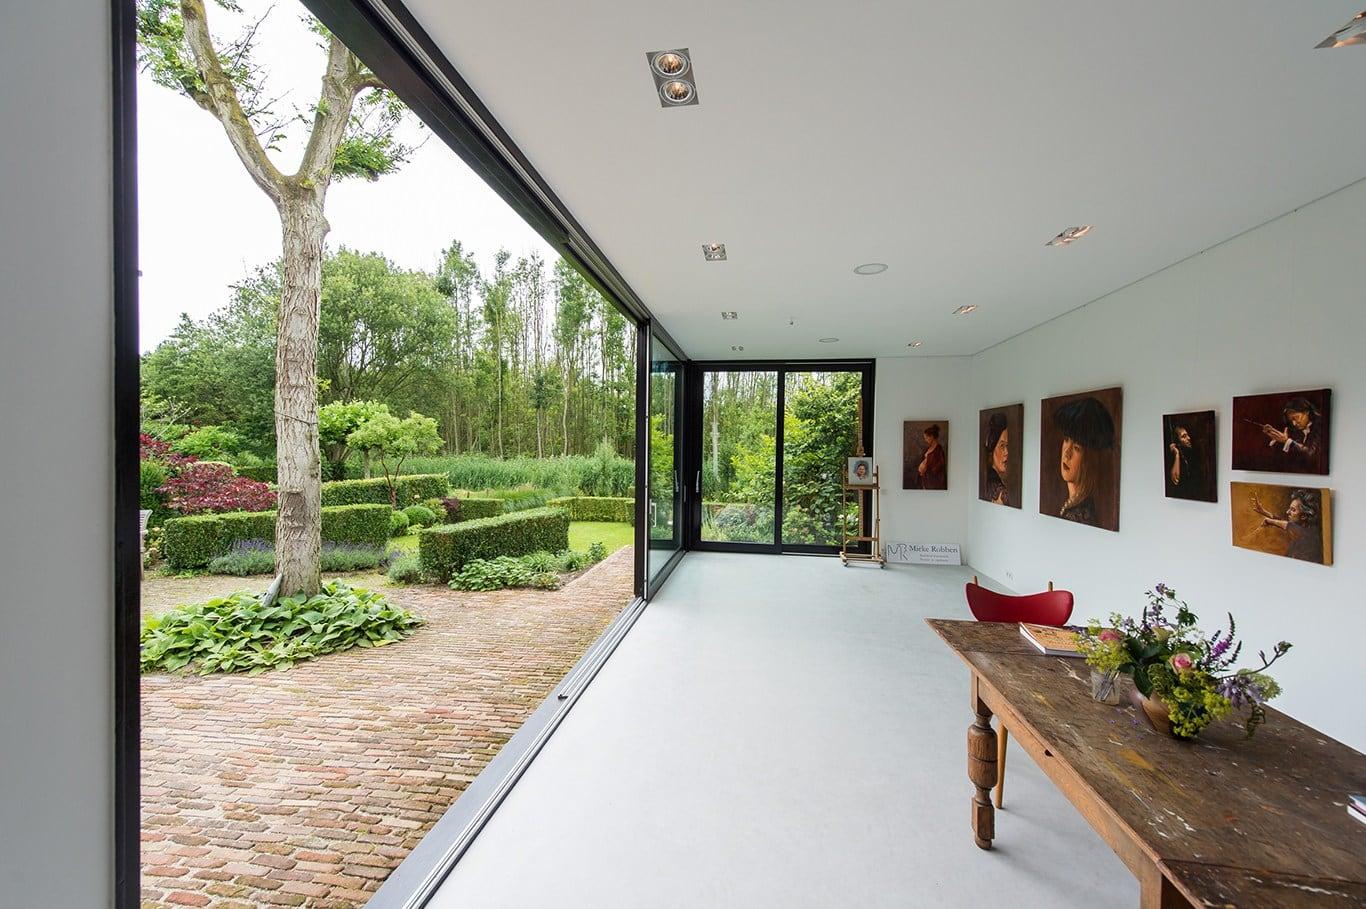 Atelier voor portretschilder in Breda. De glazen schuifpuien zijn nu volledig geopend en geven prachtig zicht op de tuin en het terras ernaast. Het atelier is op het noorden gericht en heeft geen directe zoninval.